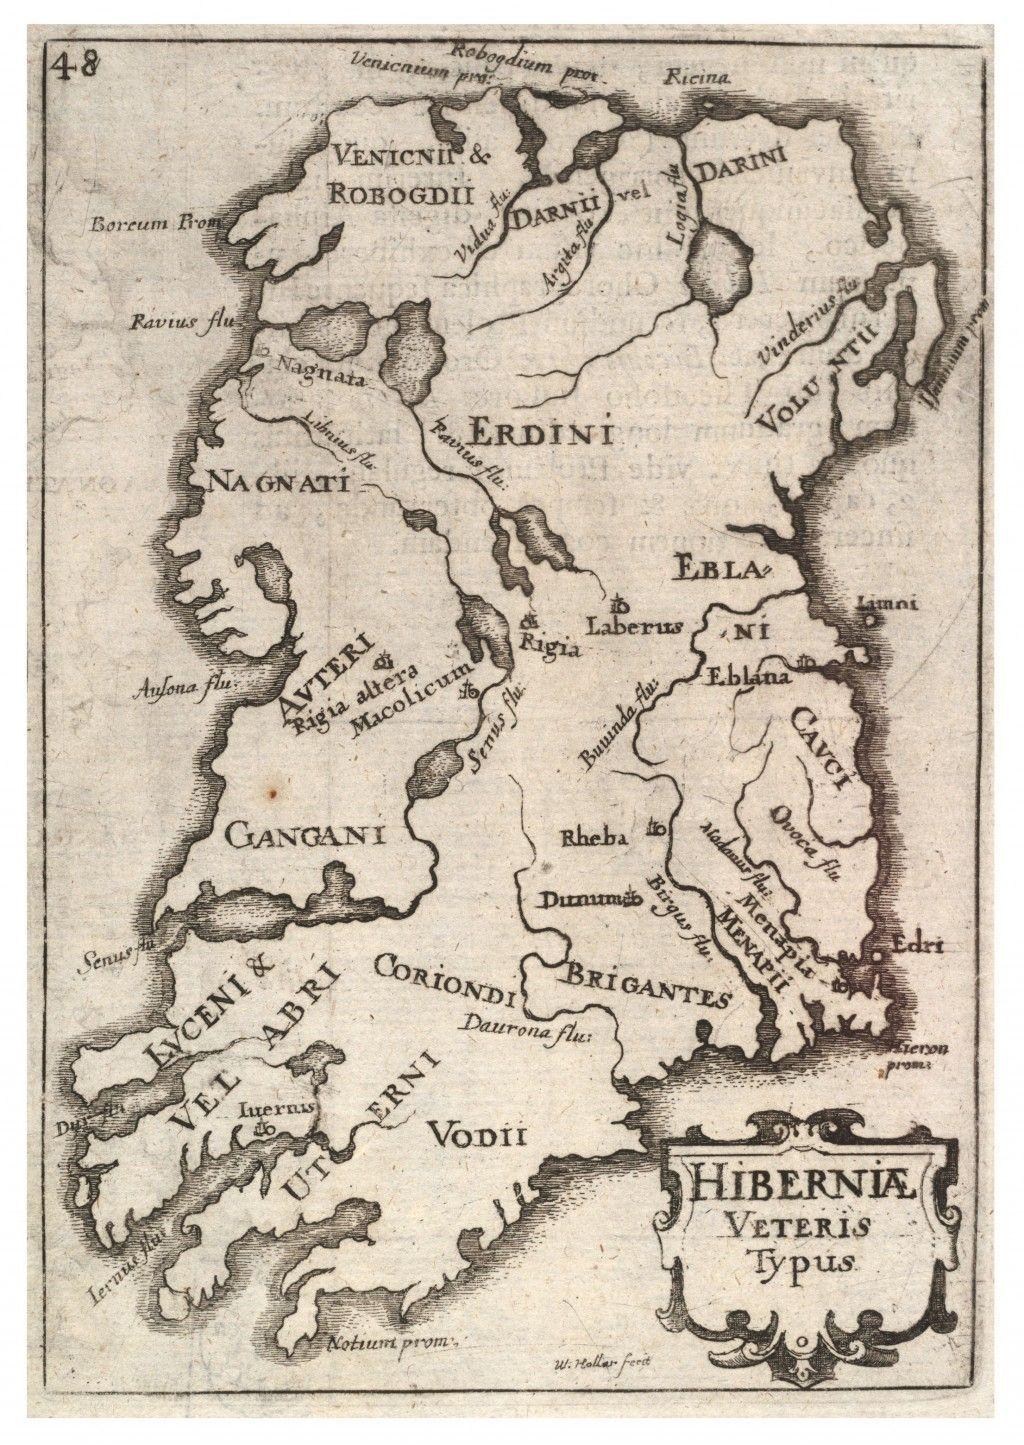 Irish invasion